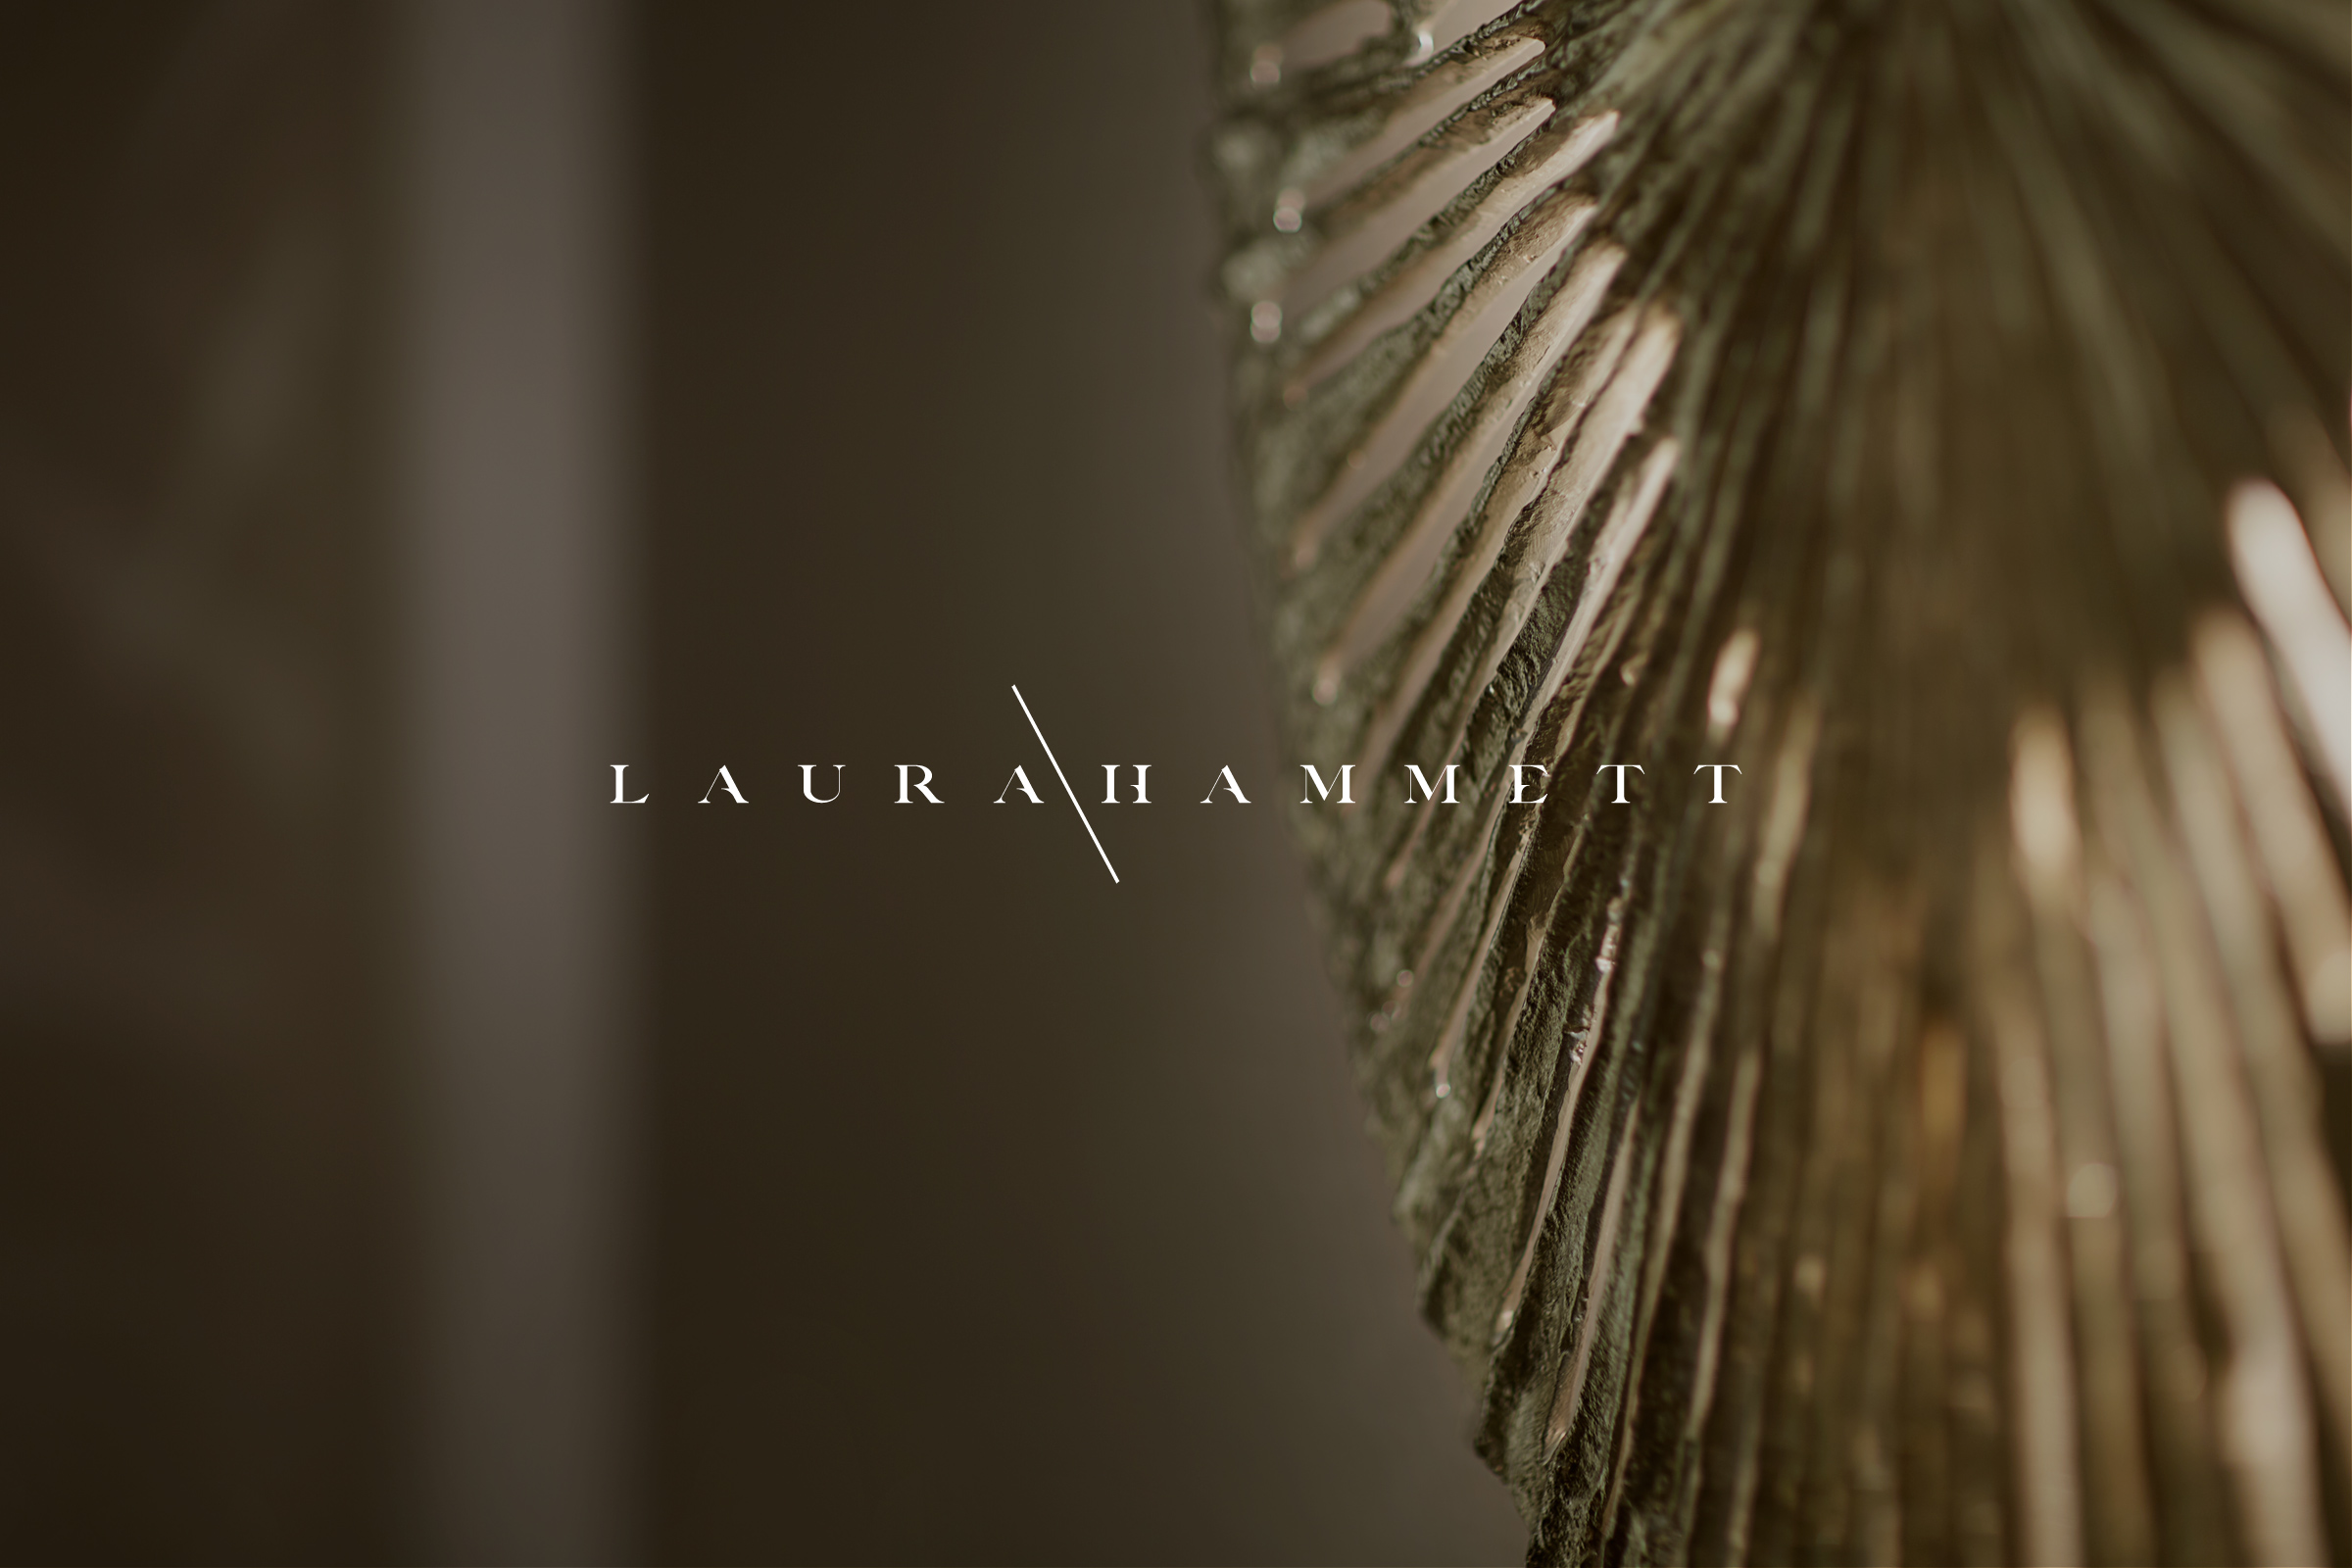 Laura Hammett